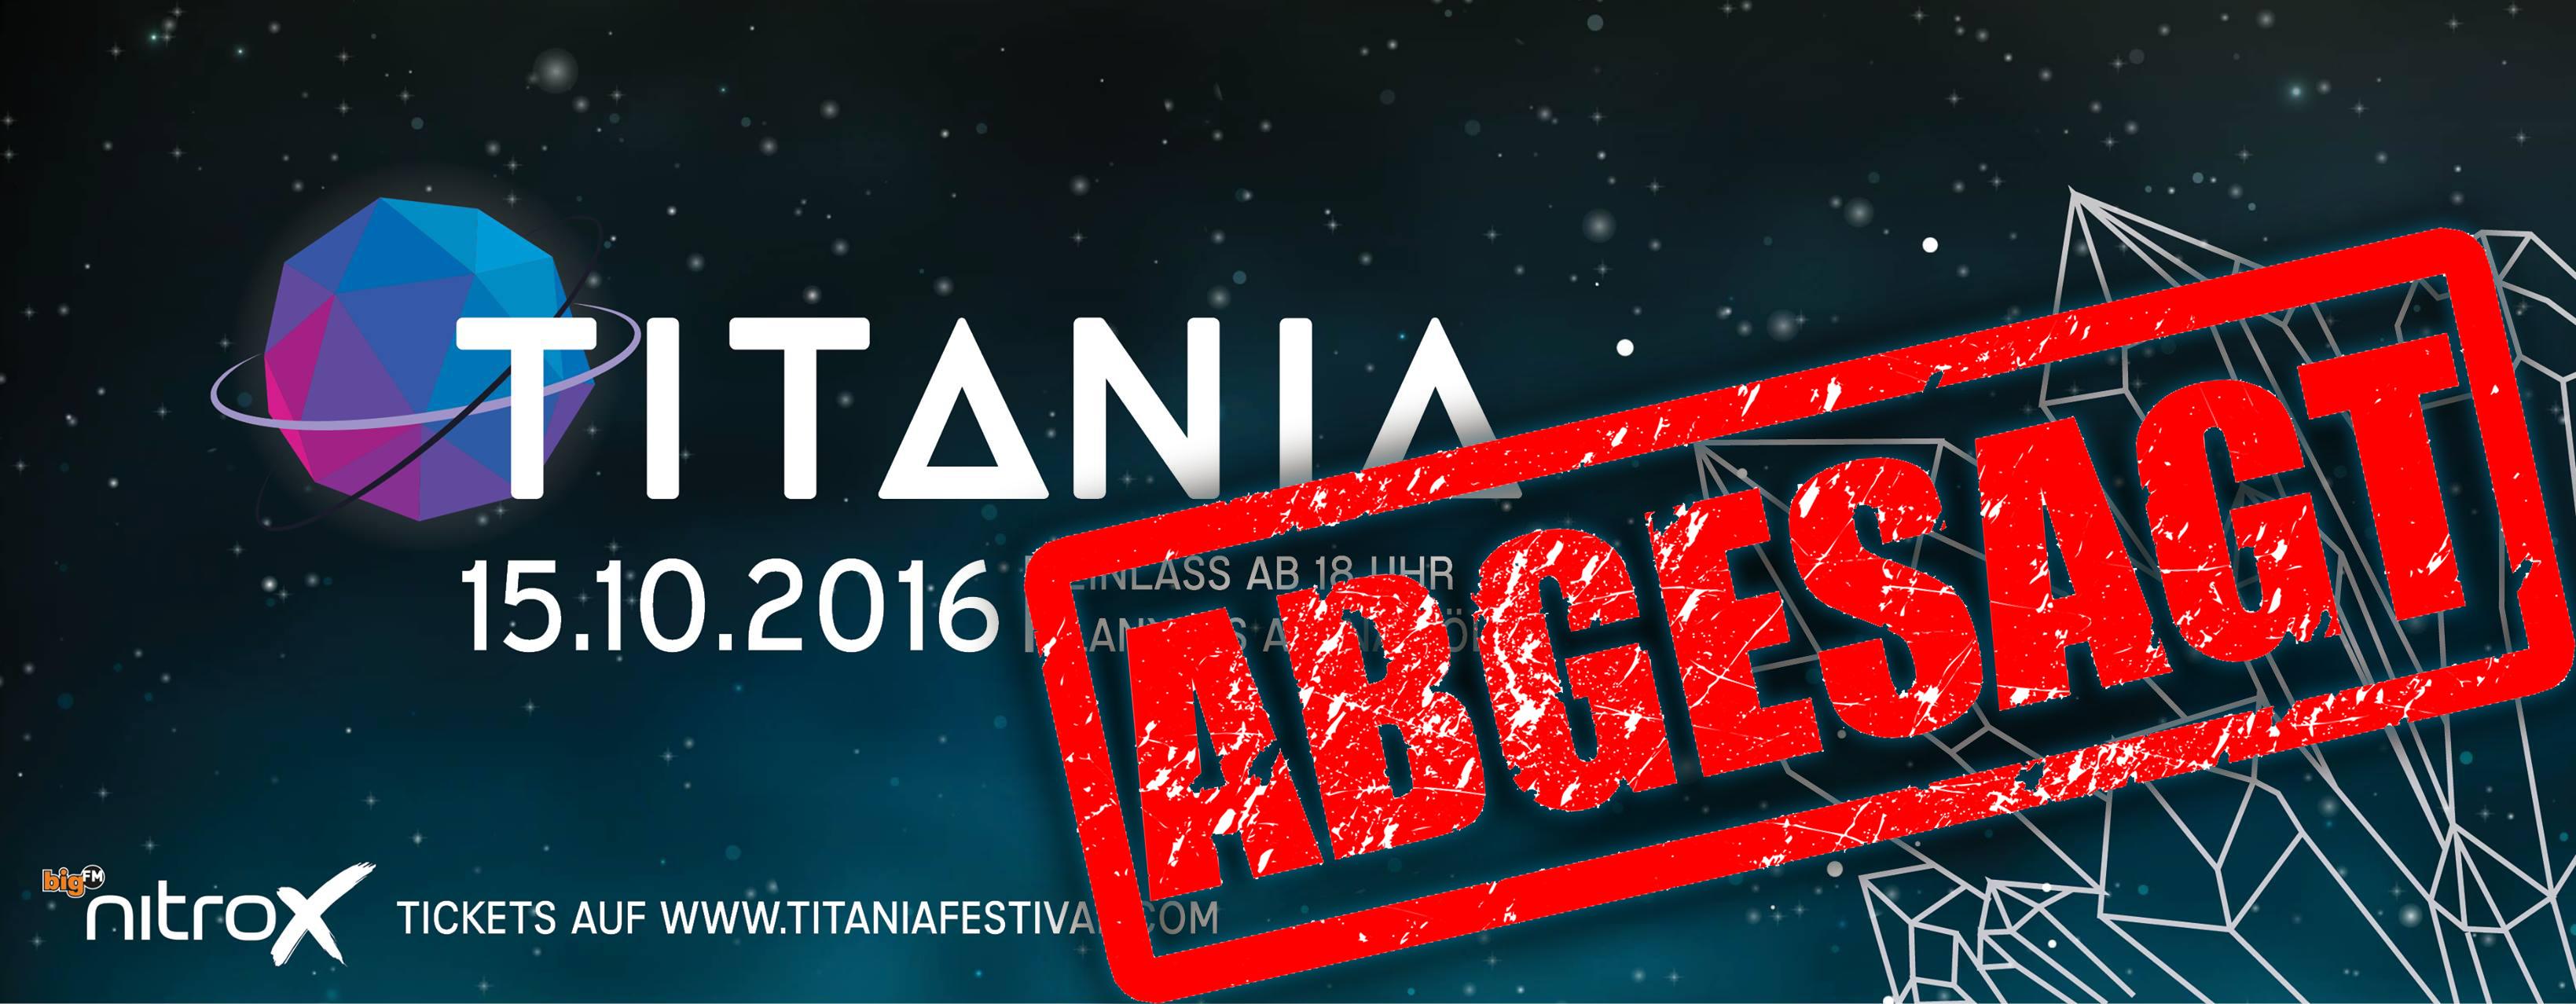 cts eventim titania festival abgesagt